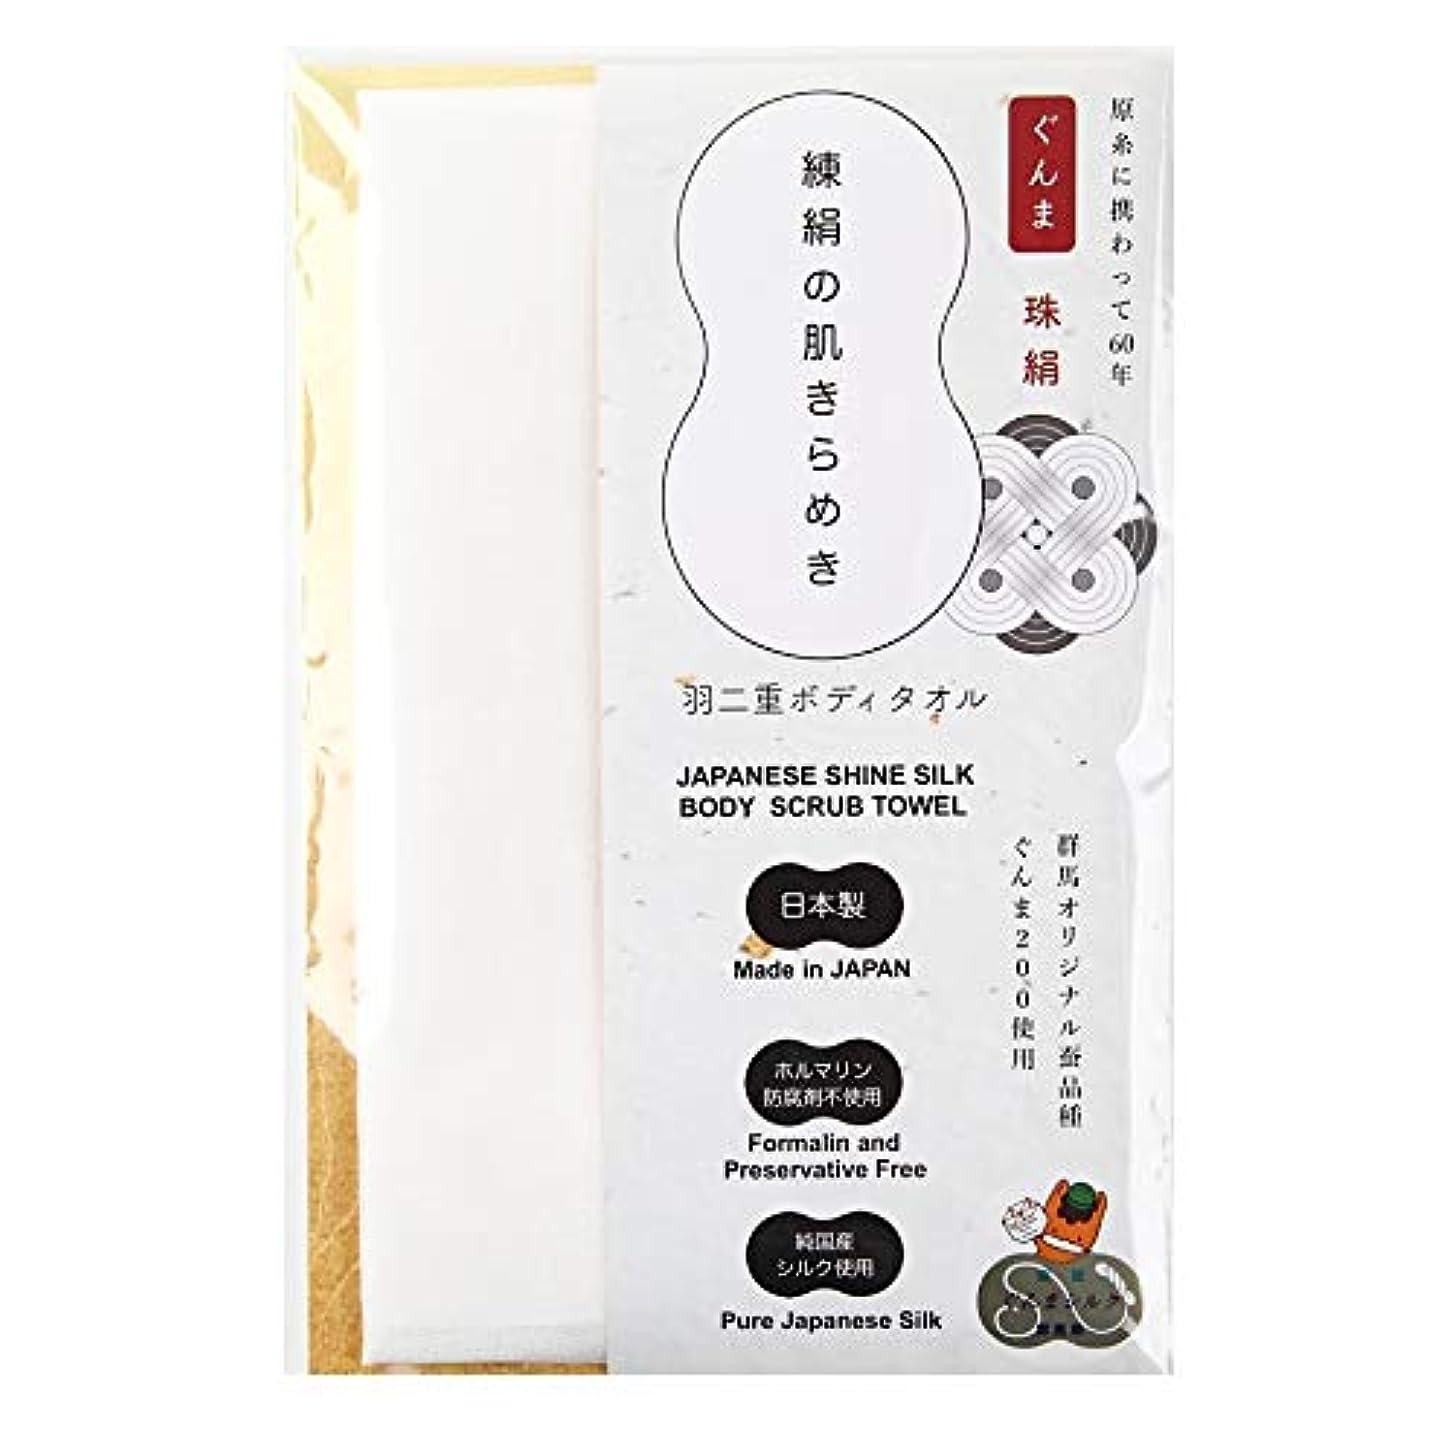 ささやきガチョウ寸法くーる&ほっと シルクあかすり 純国産絹100%「珠絹(たまぎぬ) 練絹の肌きらめき」 ぐんまシルク (群馬県内で一貫製造) 日本製 シルクプロテイン?フィブロインの力で角質ケアボディタオル 羽二重あかすりタオル